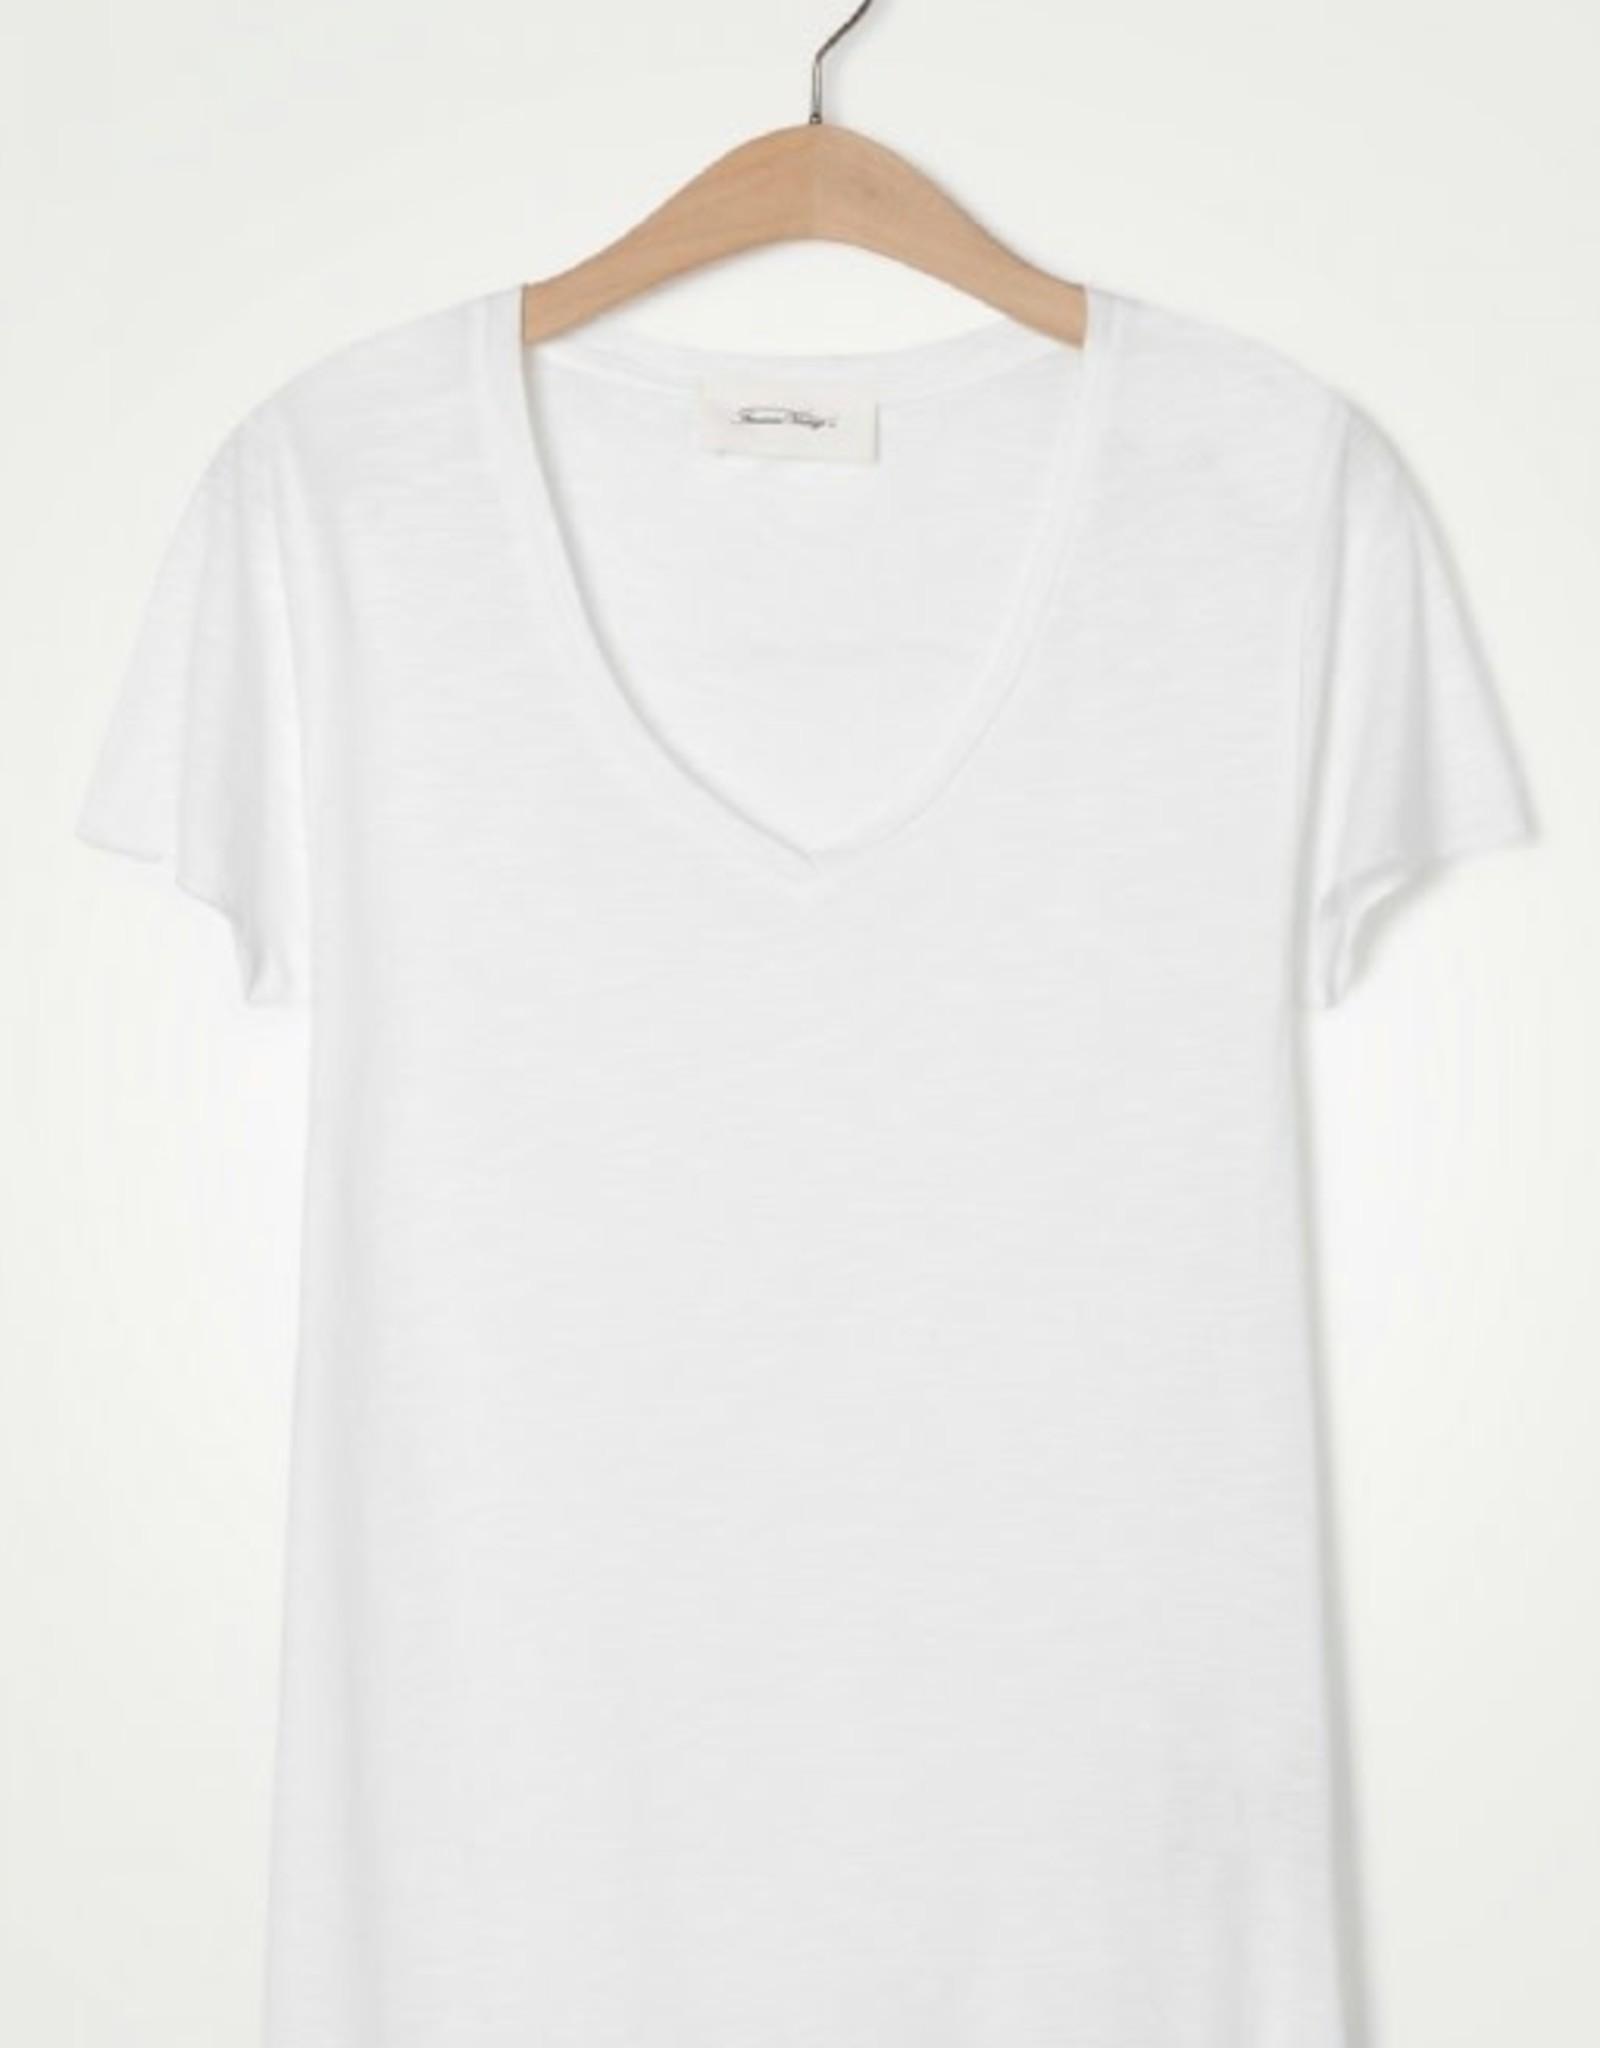 American Vintage T-shirt 'Jacksonville' V- hals - Wit - American Vintage